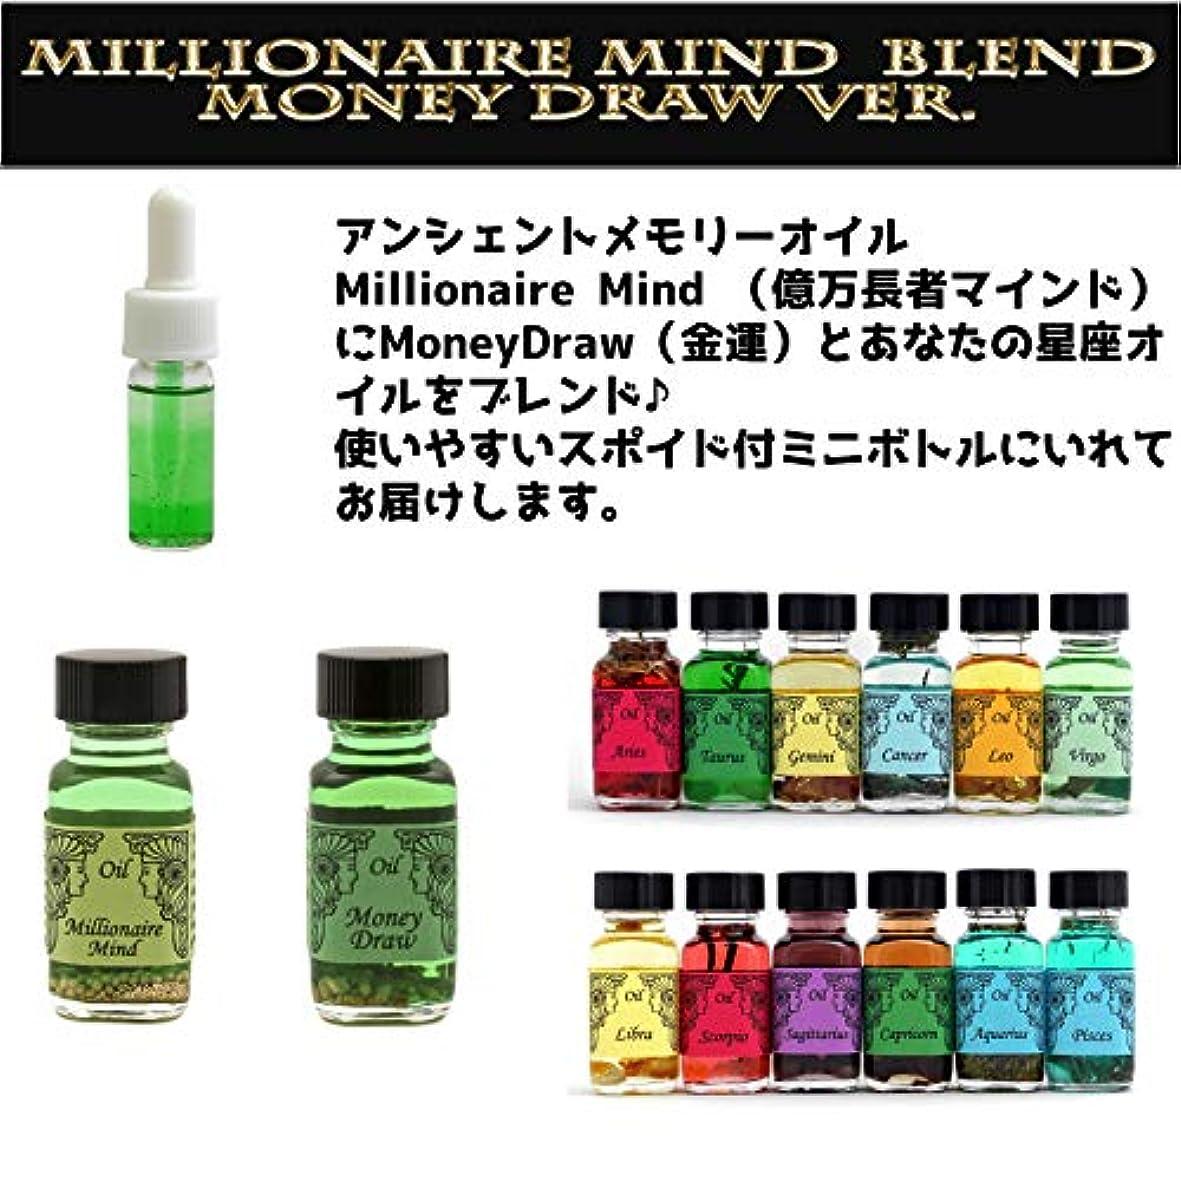 アンシェントメモリーオイル Millionaire Mind 億万長者マインド ブレンド(Money Drawマネードロー(金運)&ふたご座